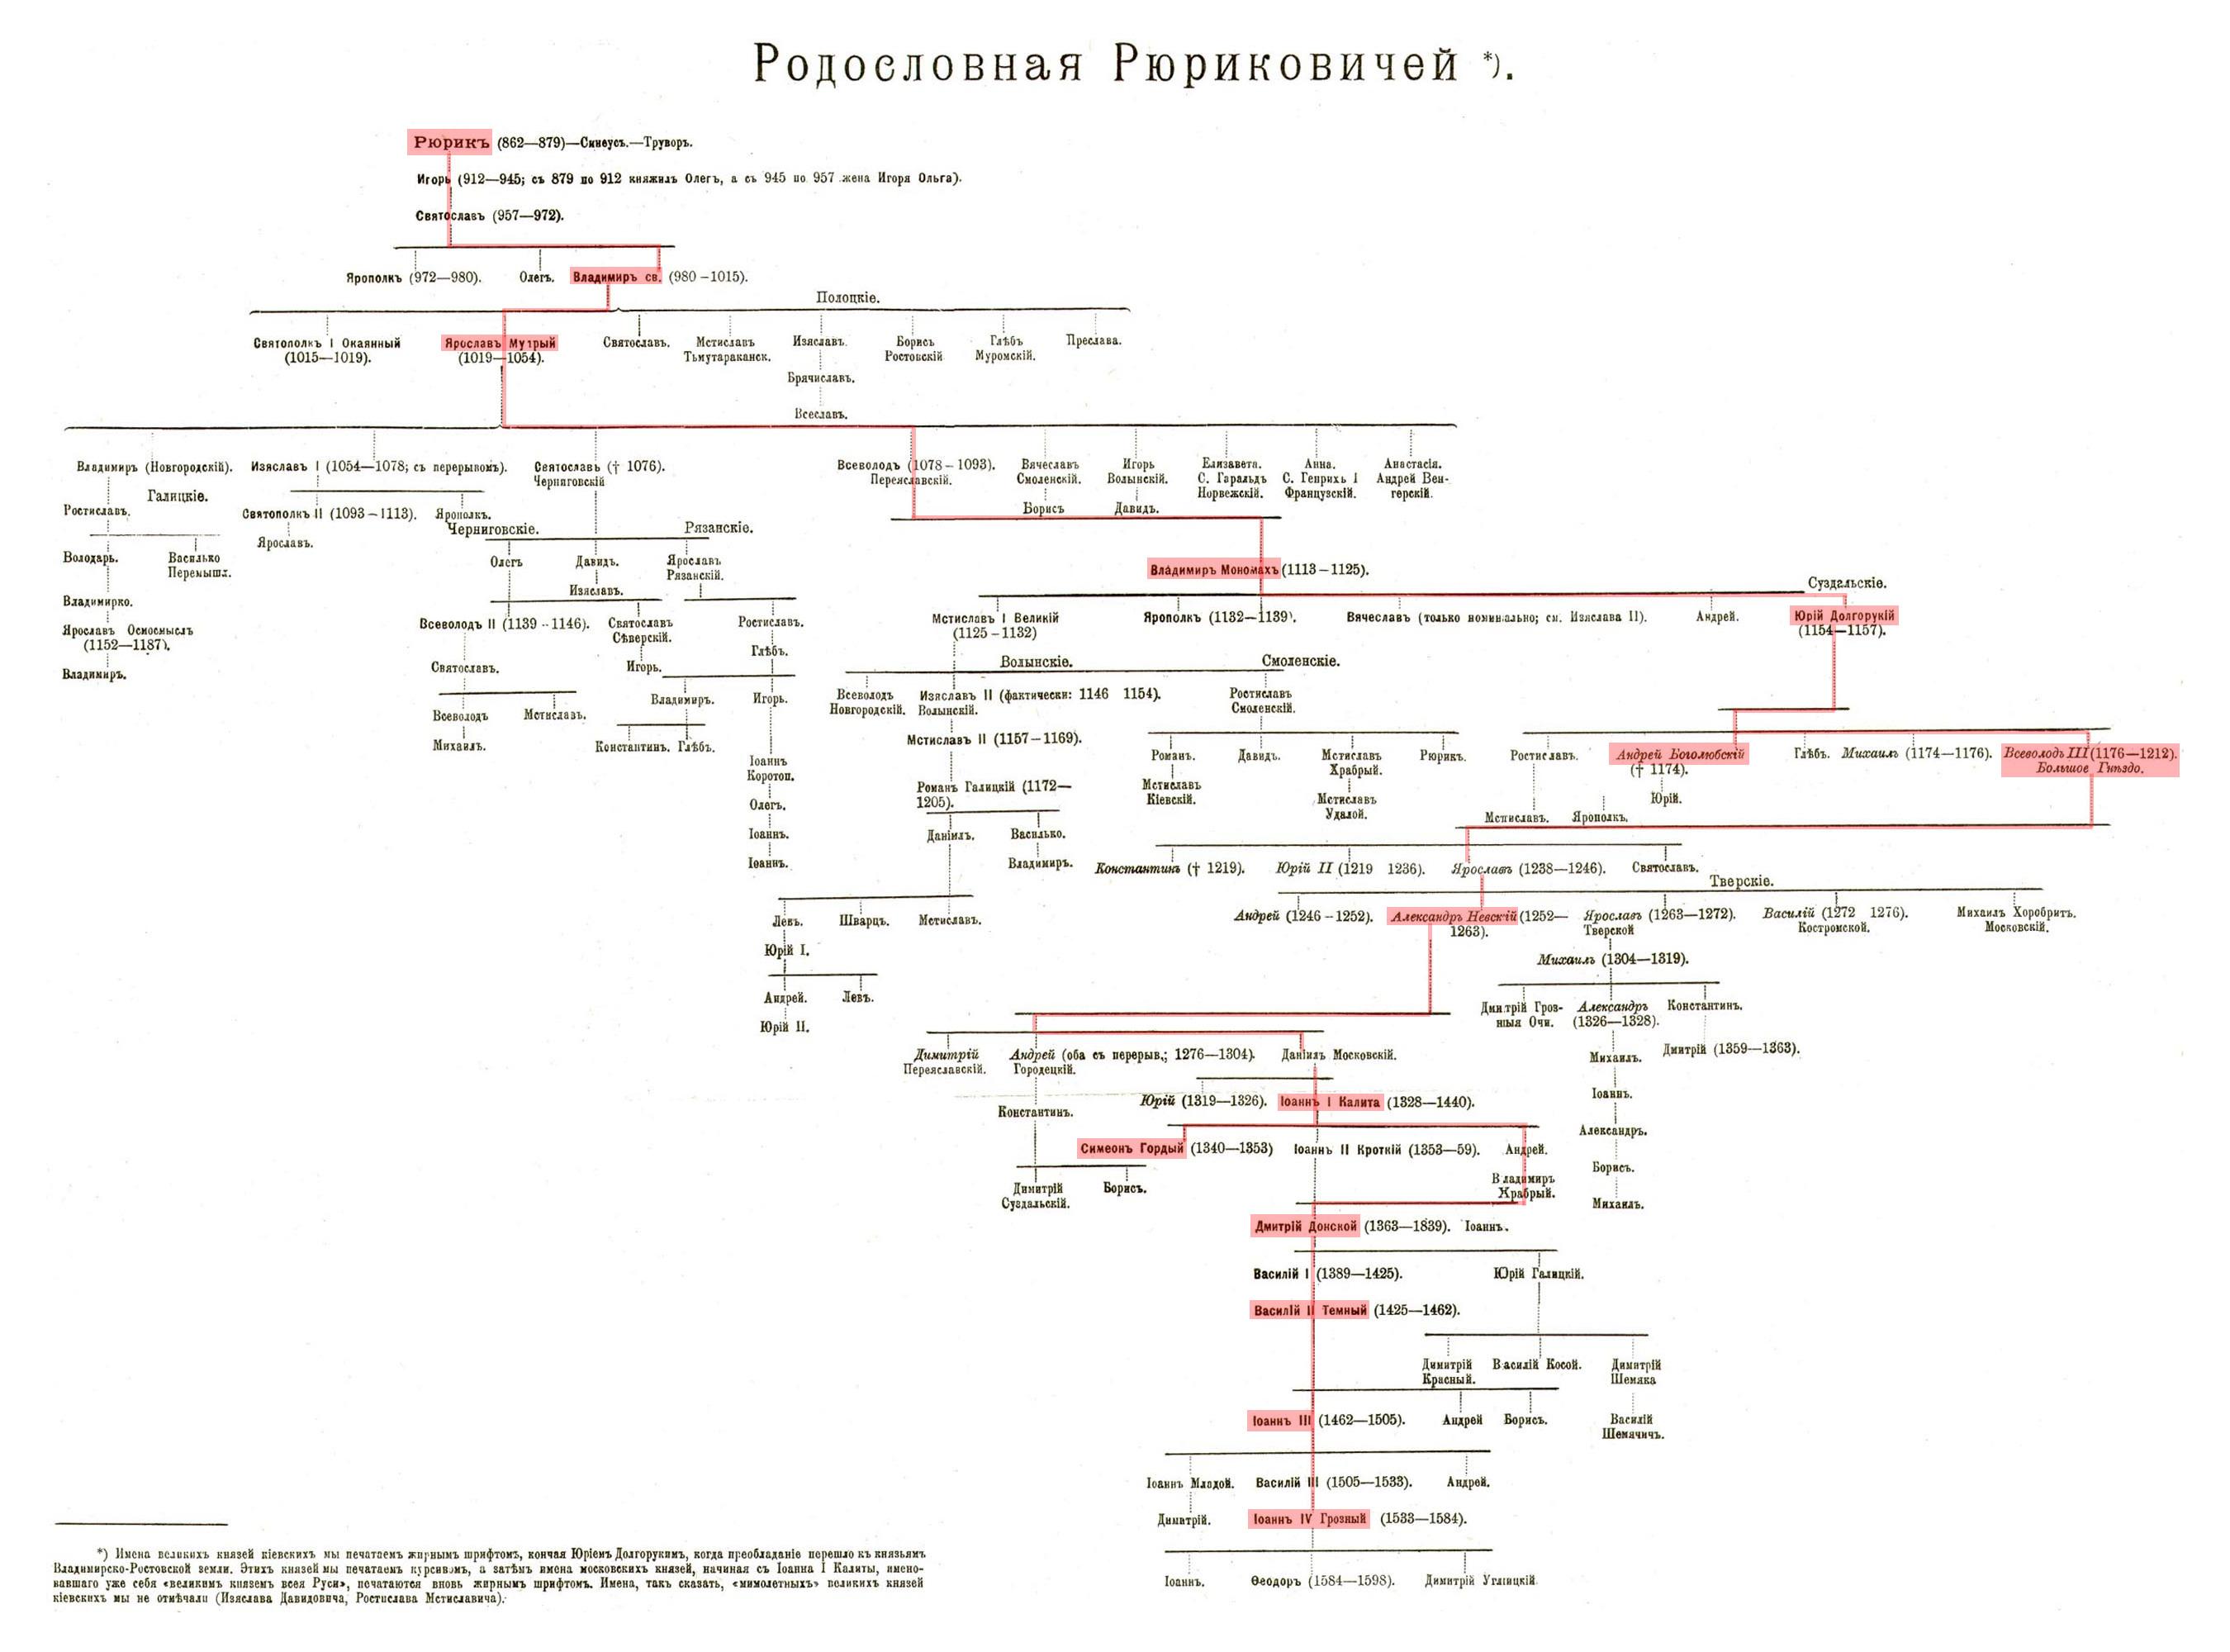 Династия Рюриковичей схема | Я русский: iamruss.ru/rurik-dynasty-diagram